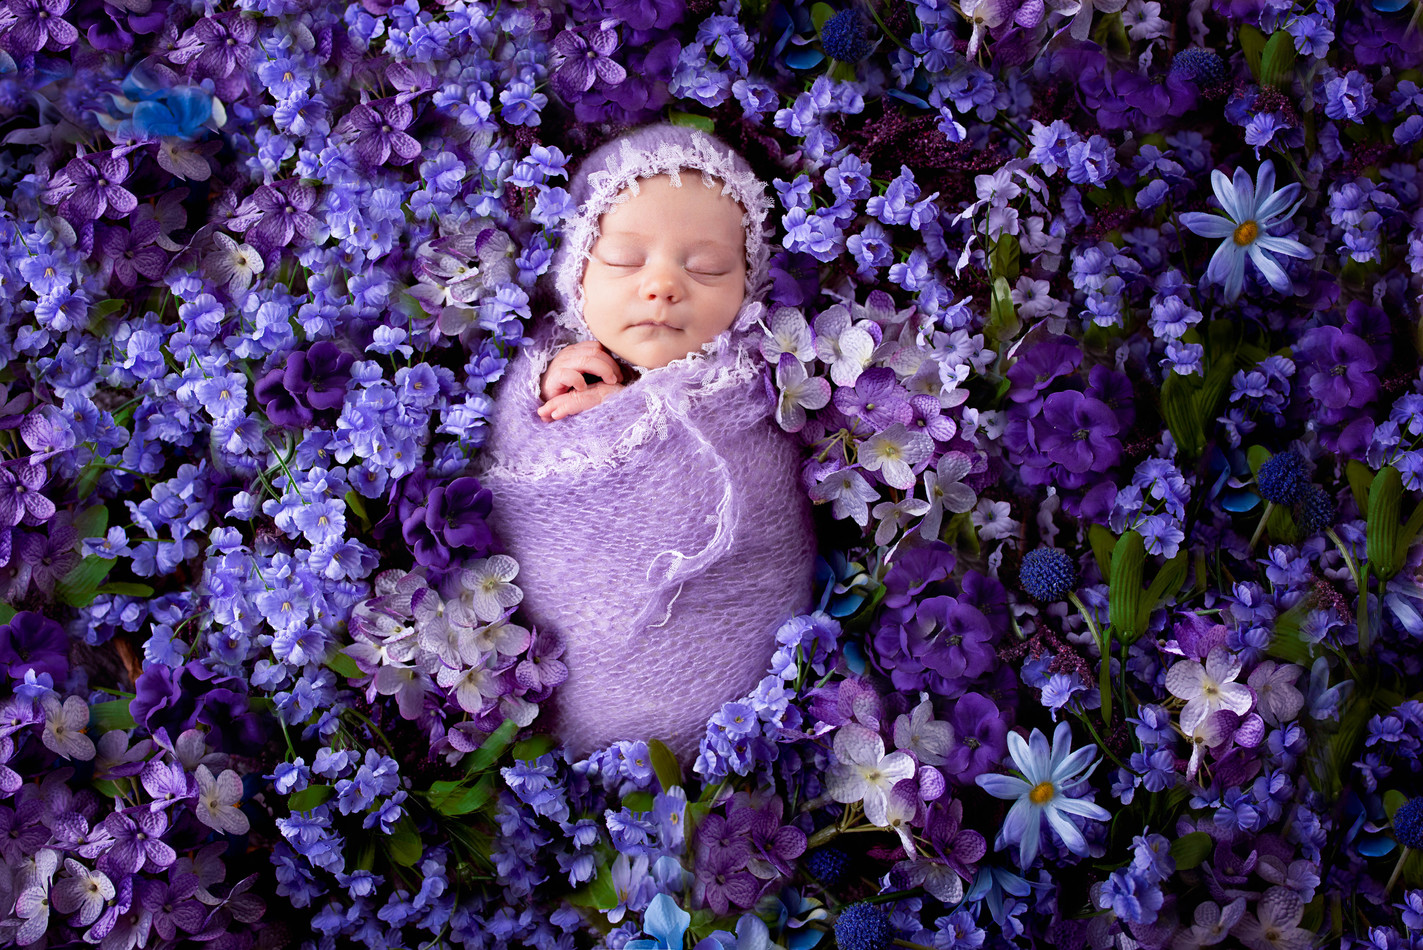 Newborn in a field of flowers